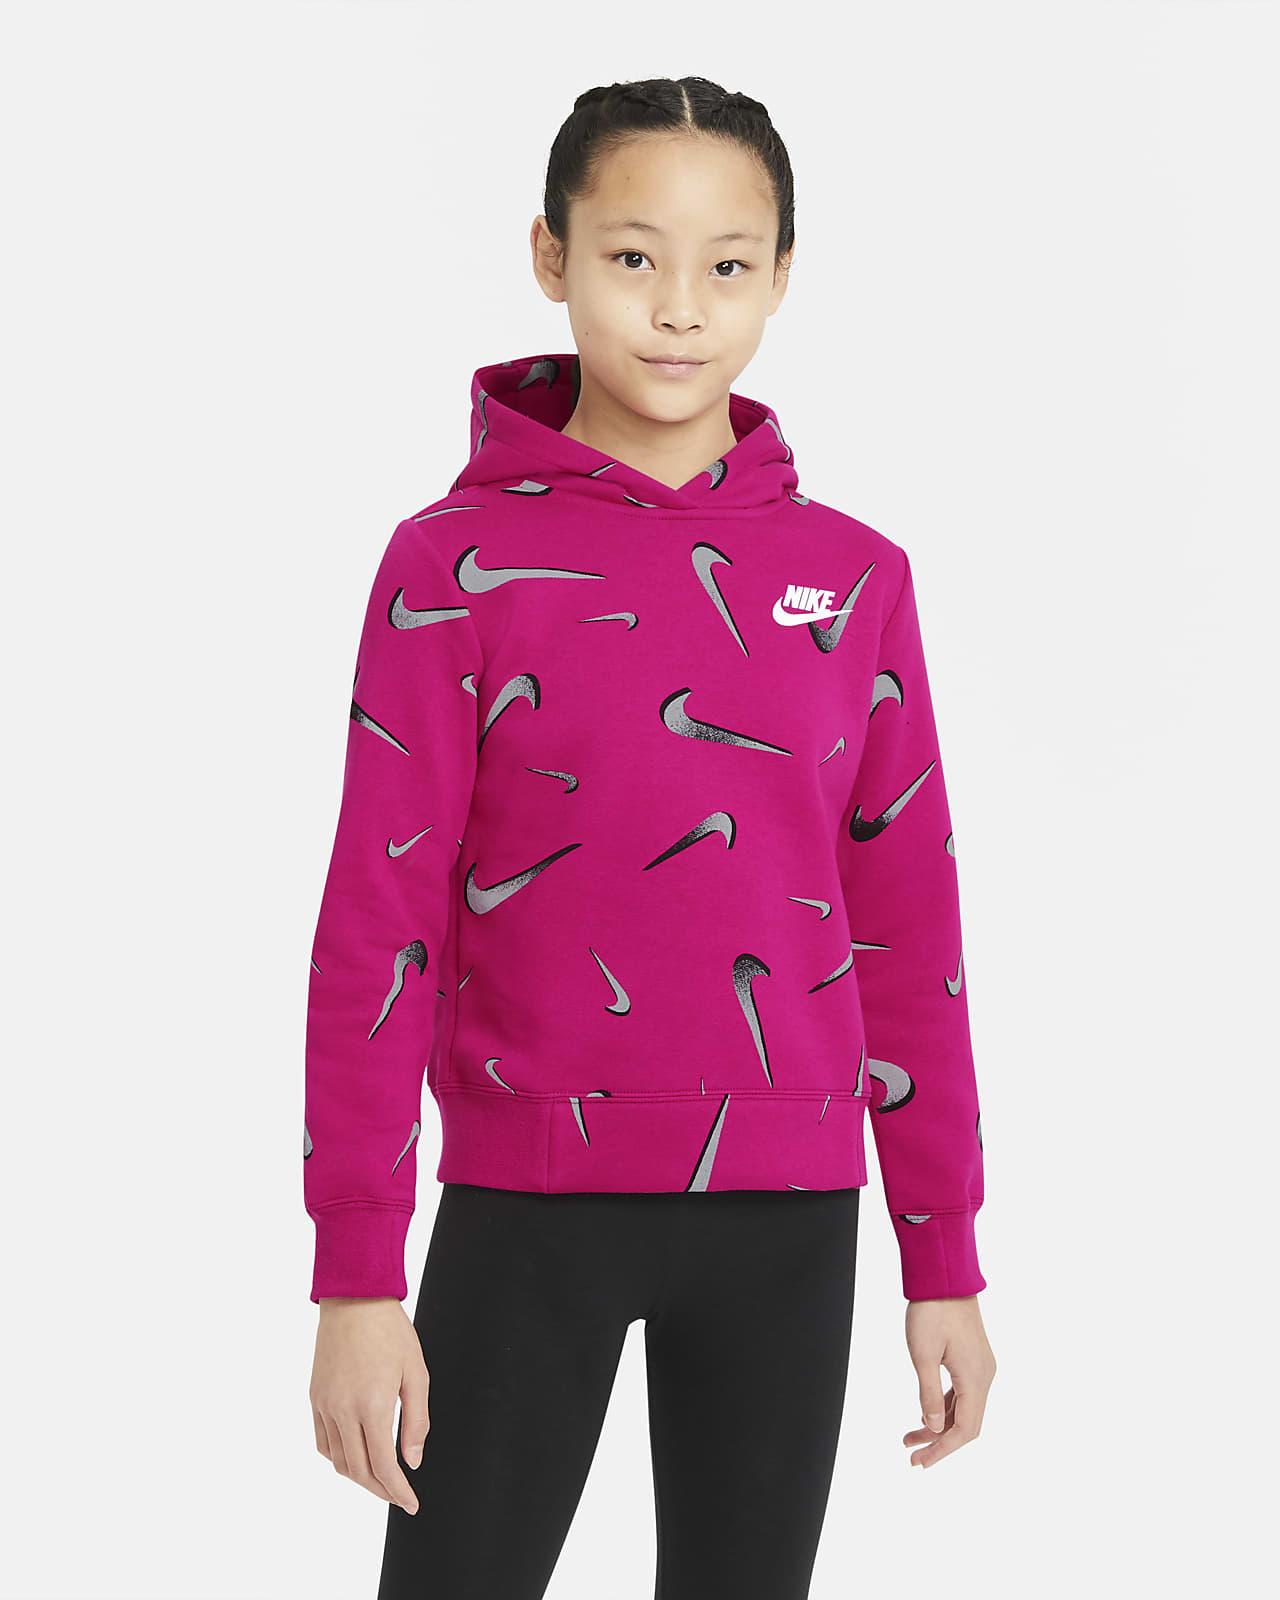 Nike Sportswear Older Kids' (Girls') Printed Hoodie